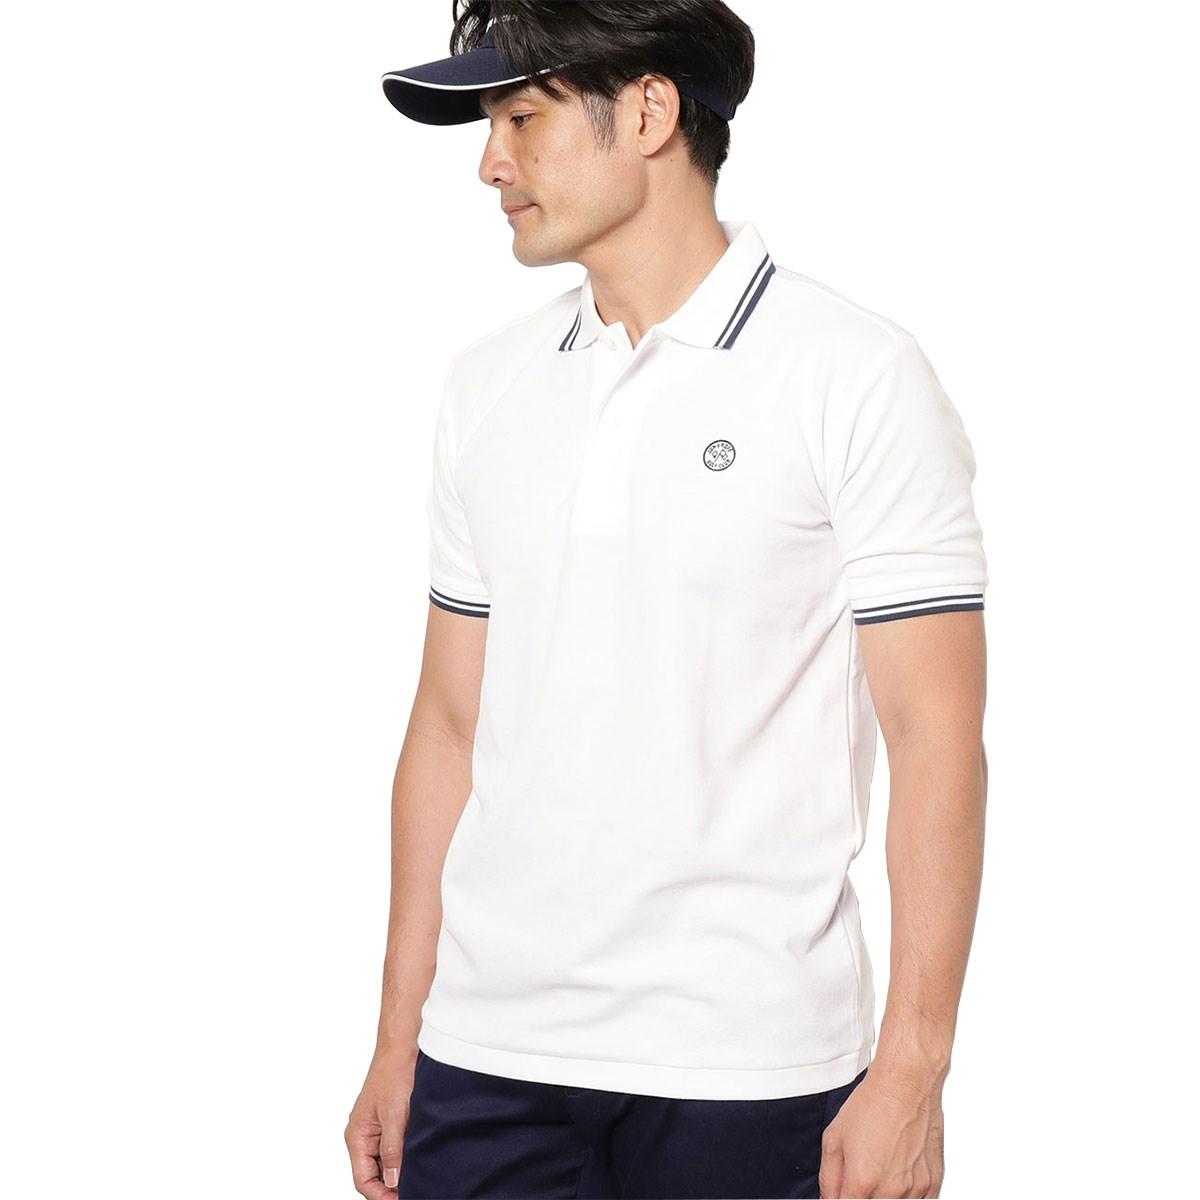 ジュン アンド ロペ JUN & ROPE 鹿の子パイピング半袖ポロシャツ S ホワイト 10